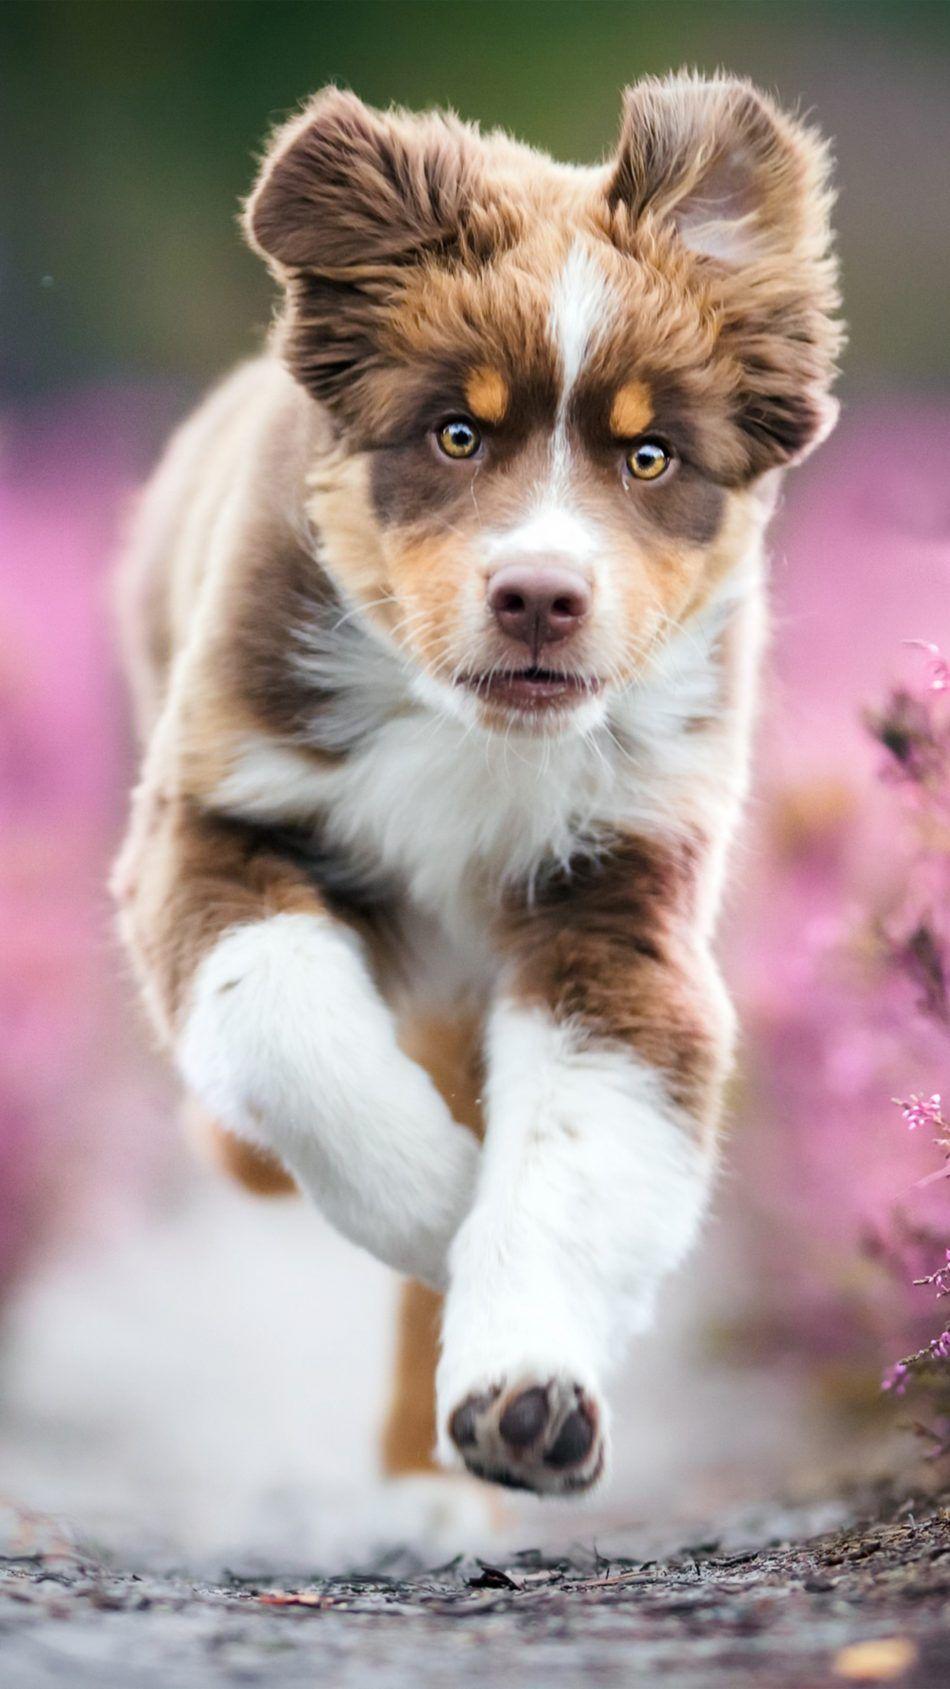 Australian Shepherd Puppy 4k Ultra Hd Mobile Wallpaper Cute Animals Puppies Australian Shepherd Puppy